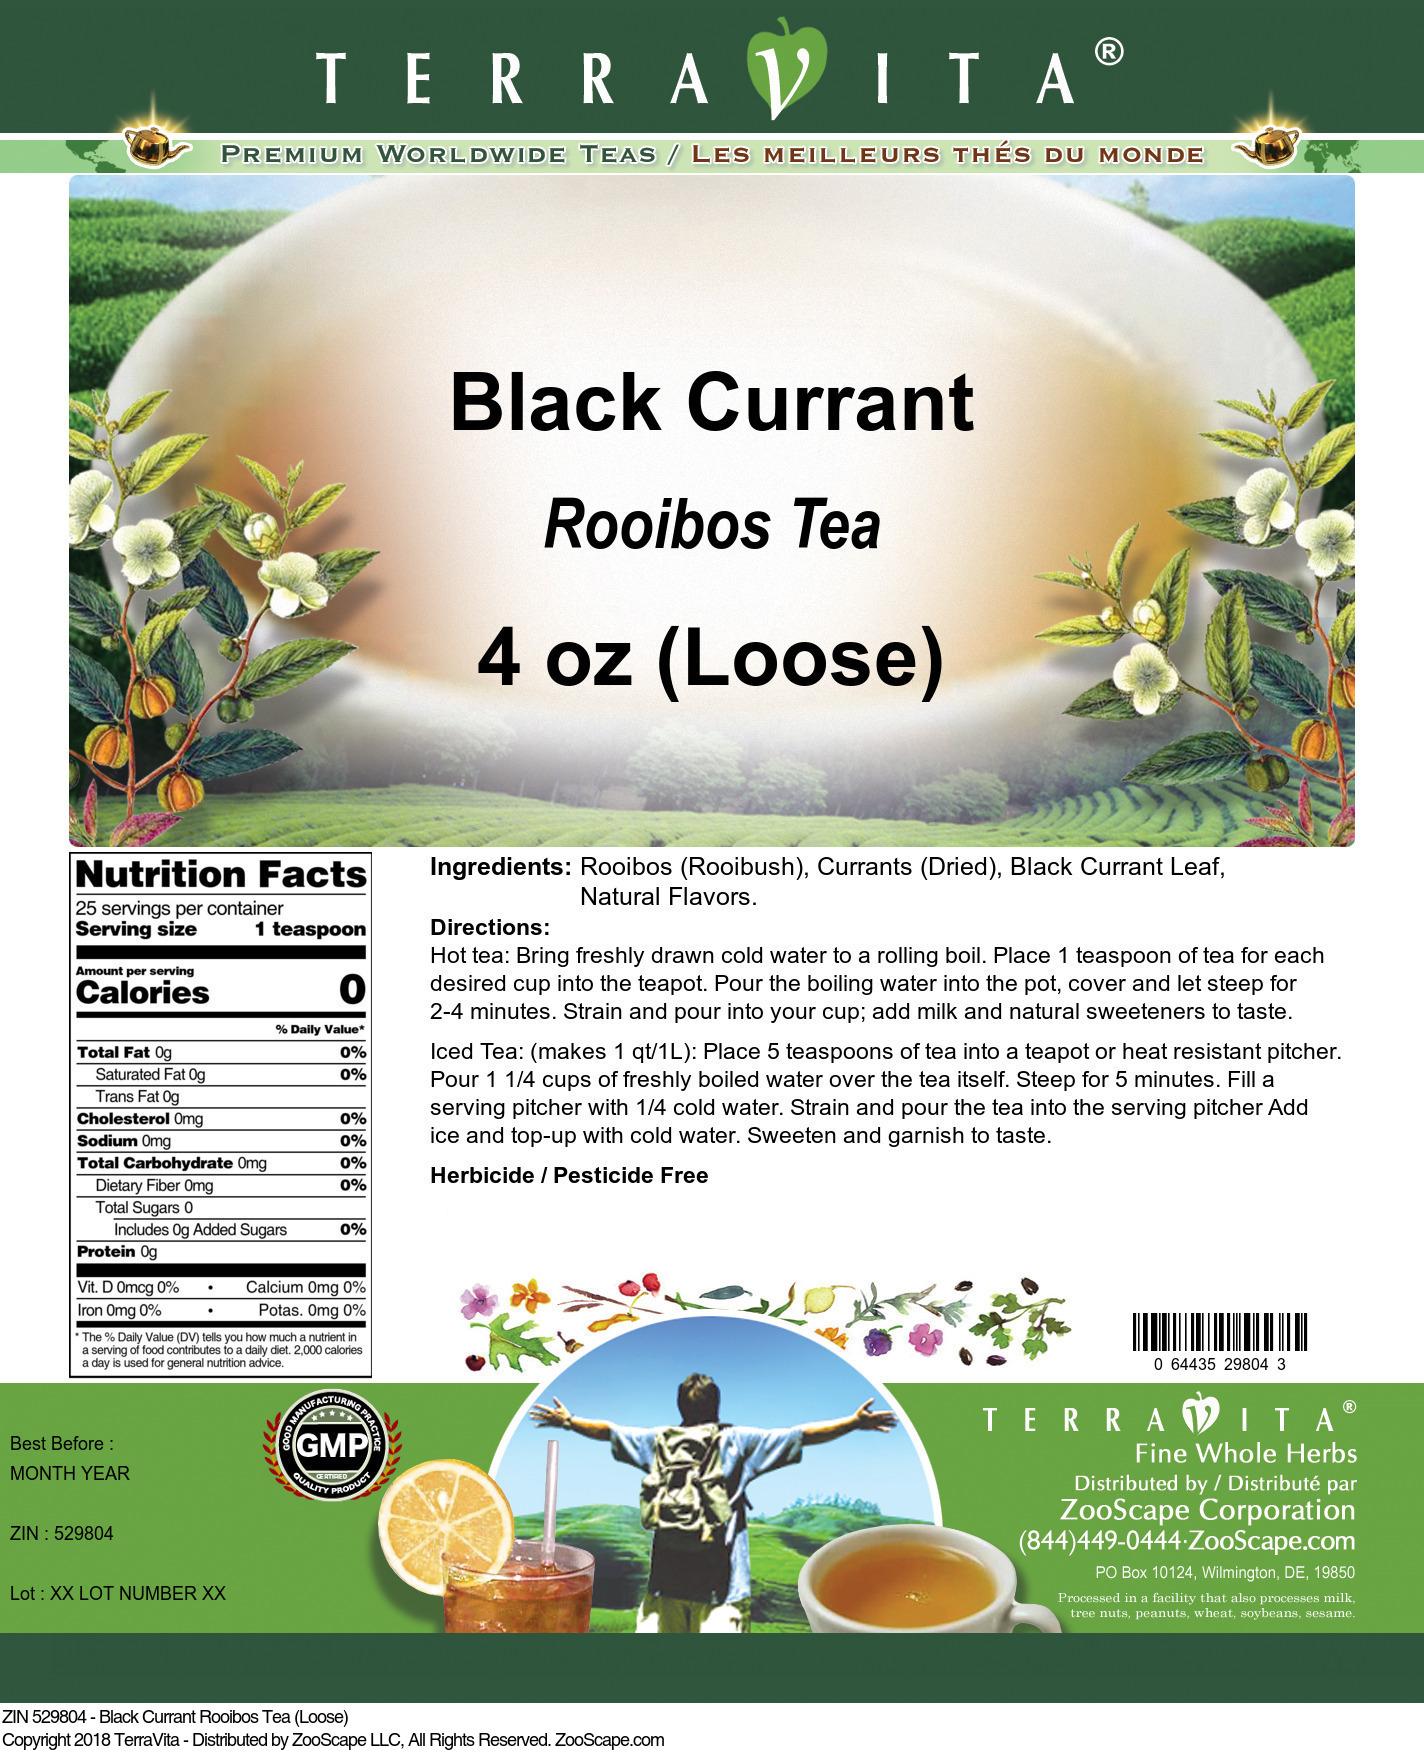 Black Currant Rooibos Tea (Loose)